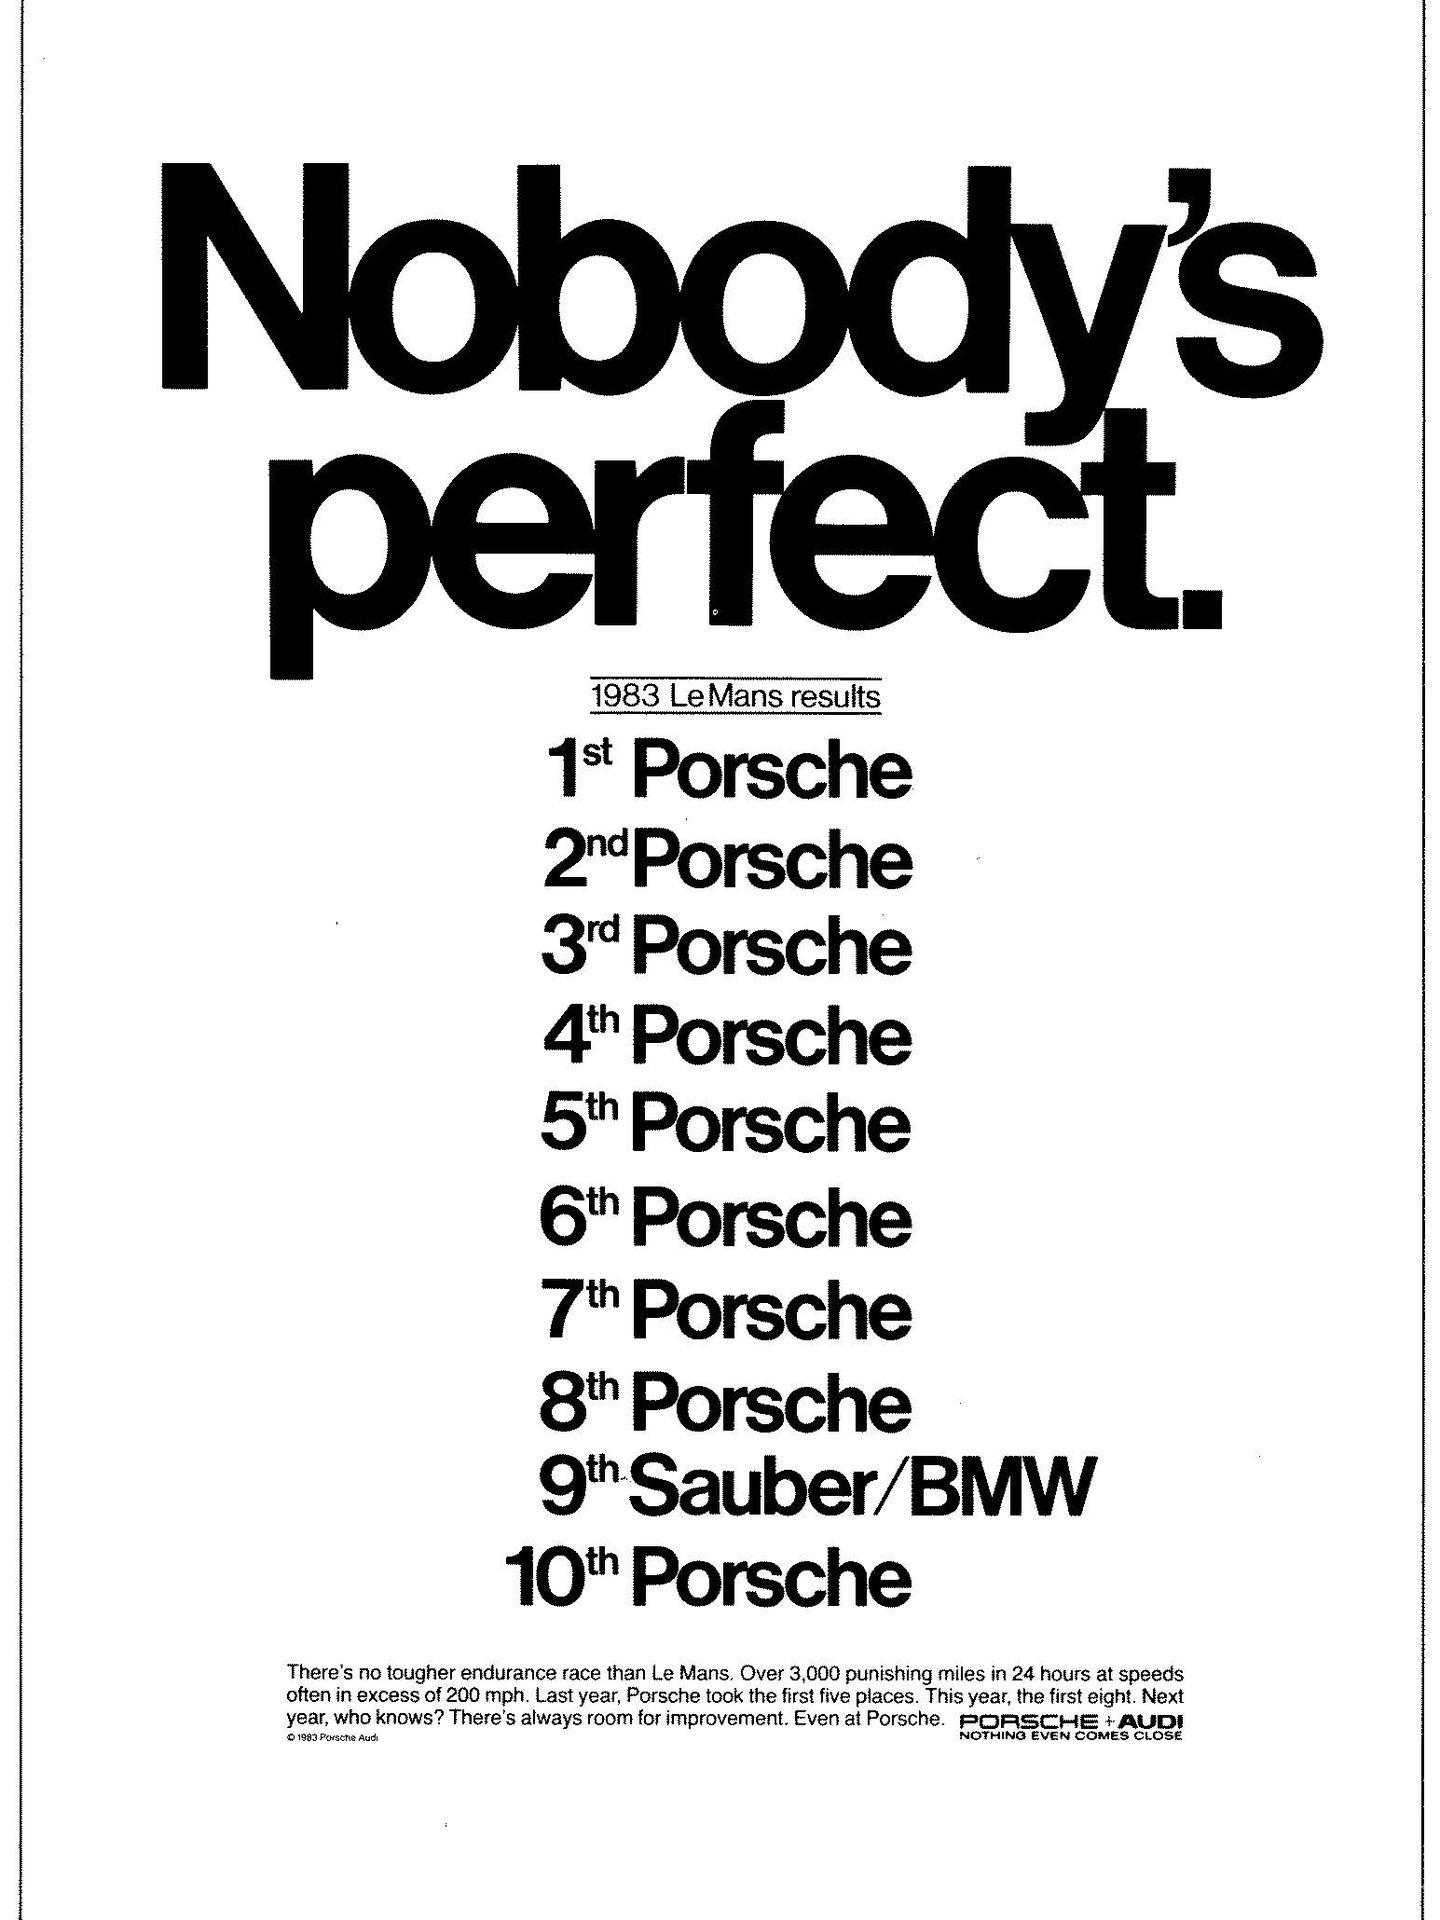 Publicidad 24 horas de Le Mans de Porsche en 1983. (Porsche)